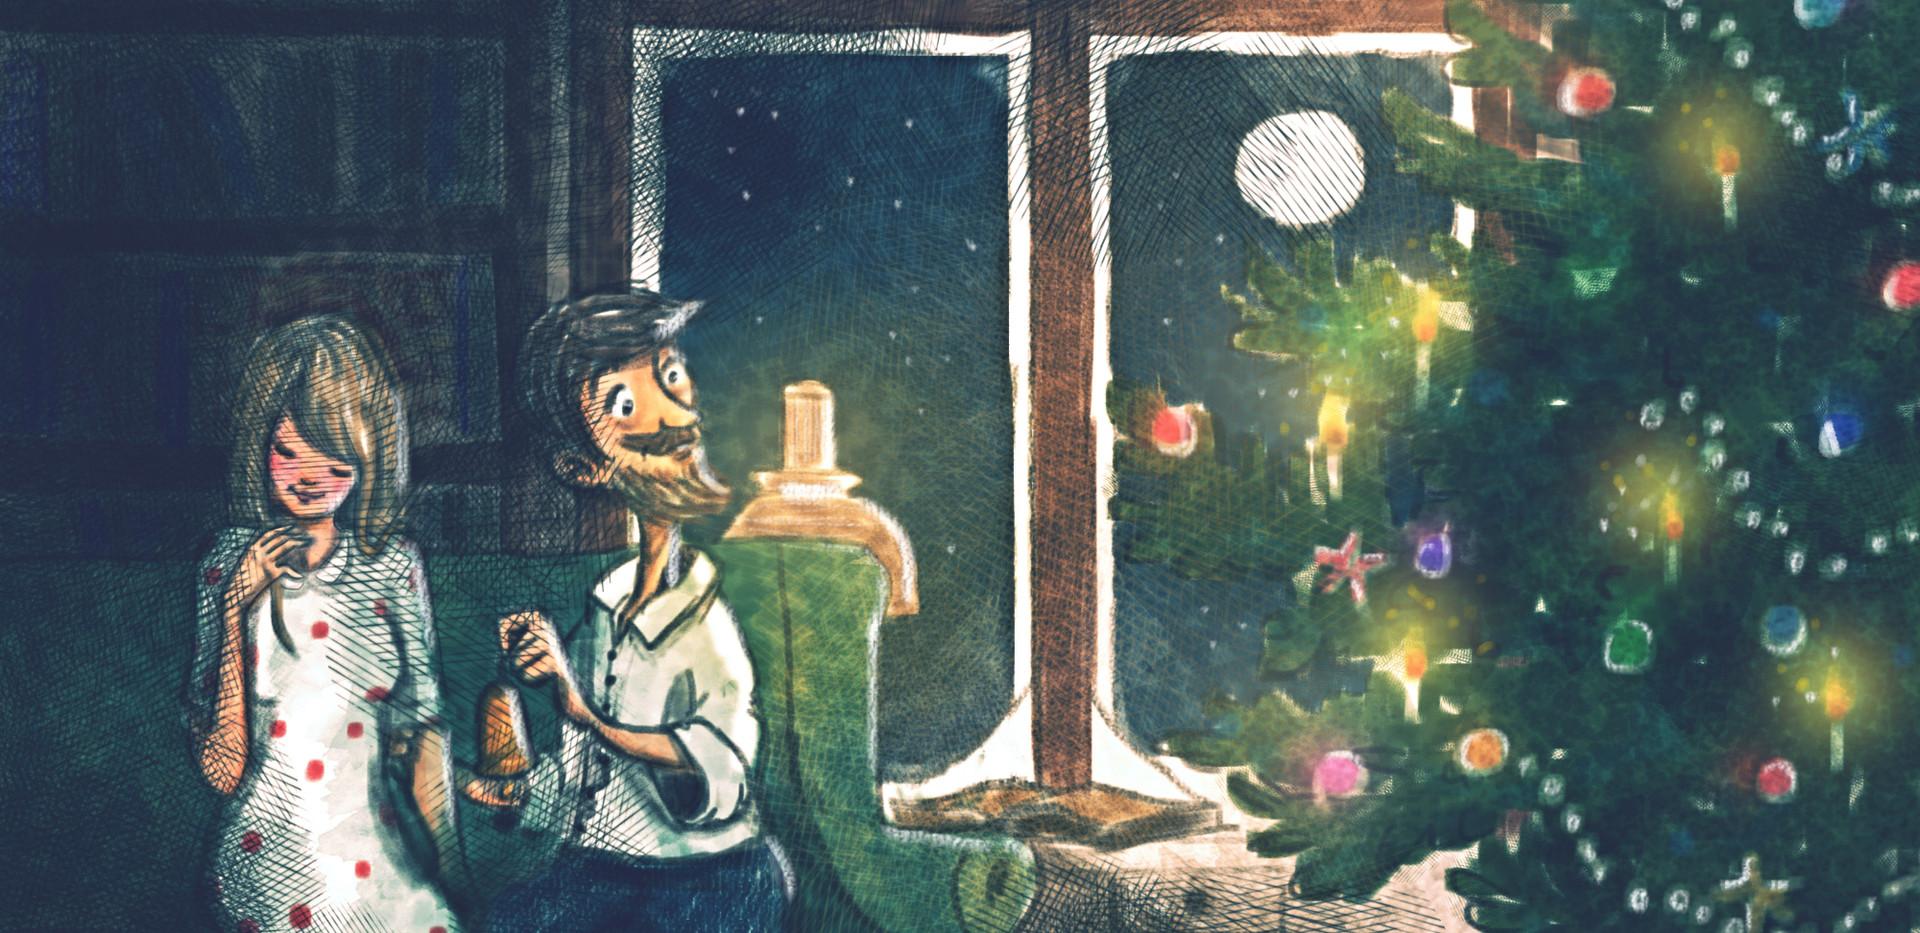 jonáš vánoce2.jpg